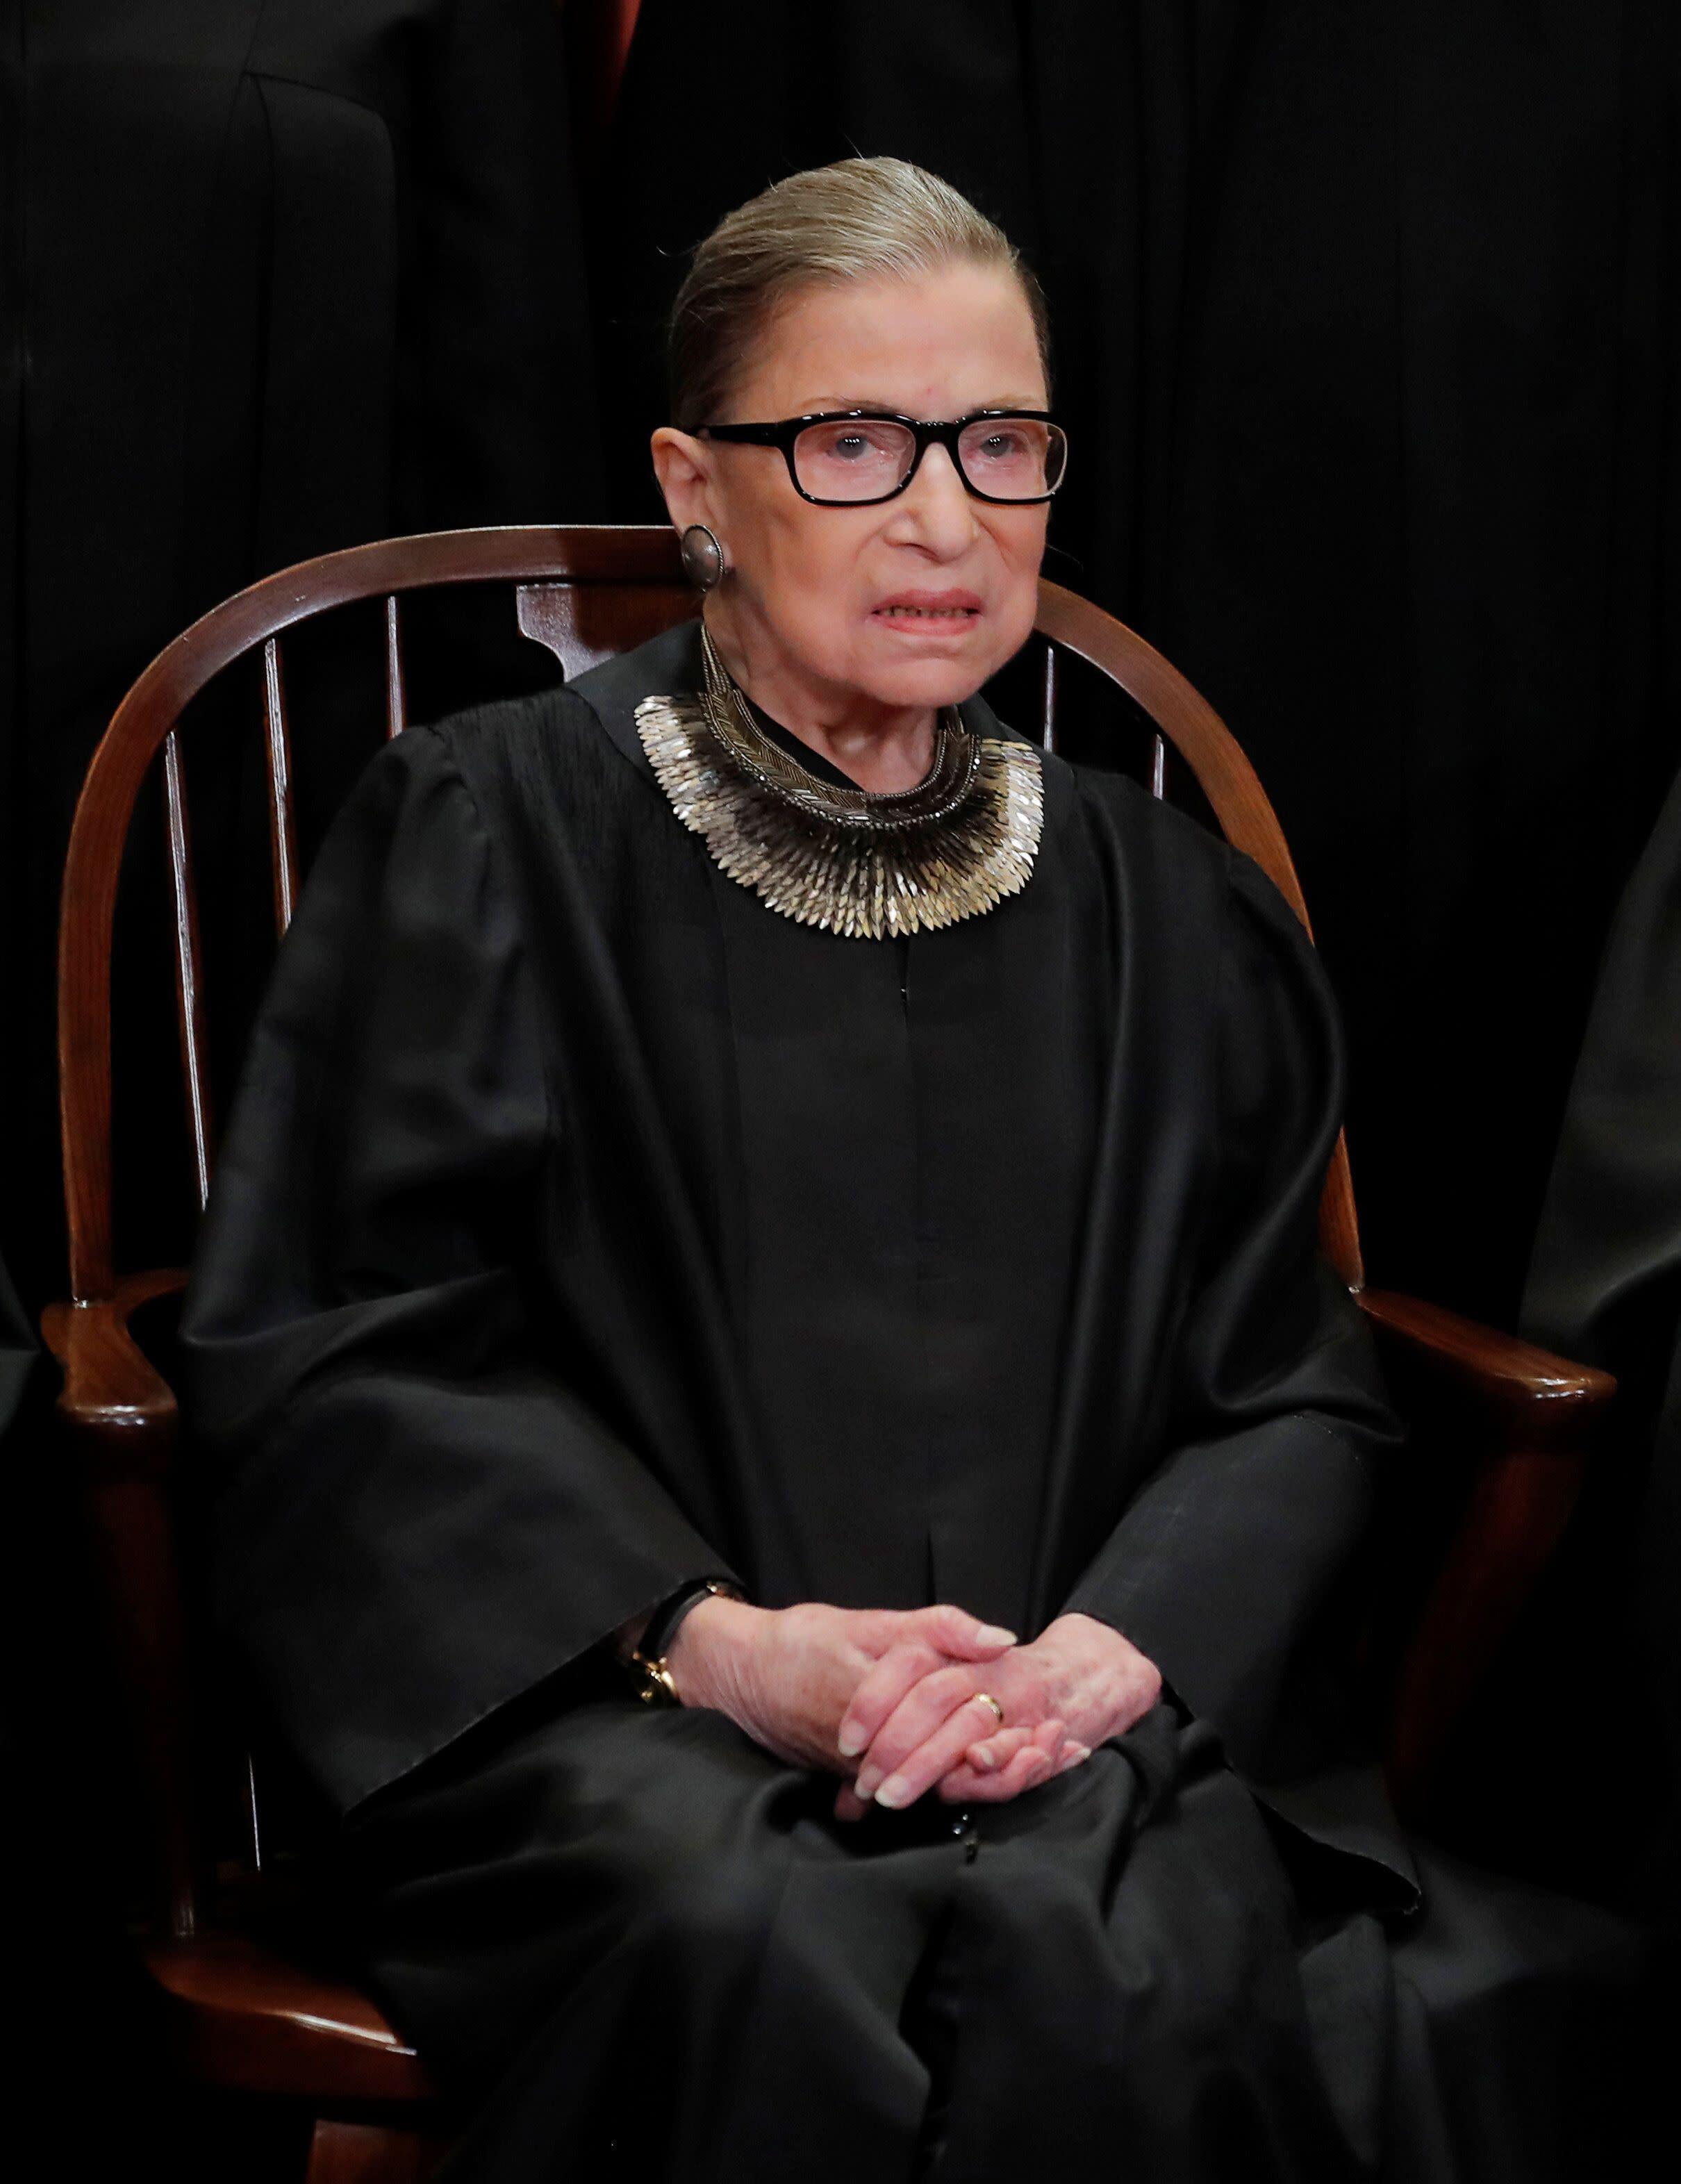 Ruth Bader Ginsburg recuperating at home after lung cancer ...  |Ruth Bader Ginsburg